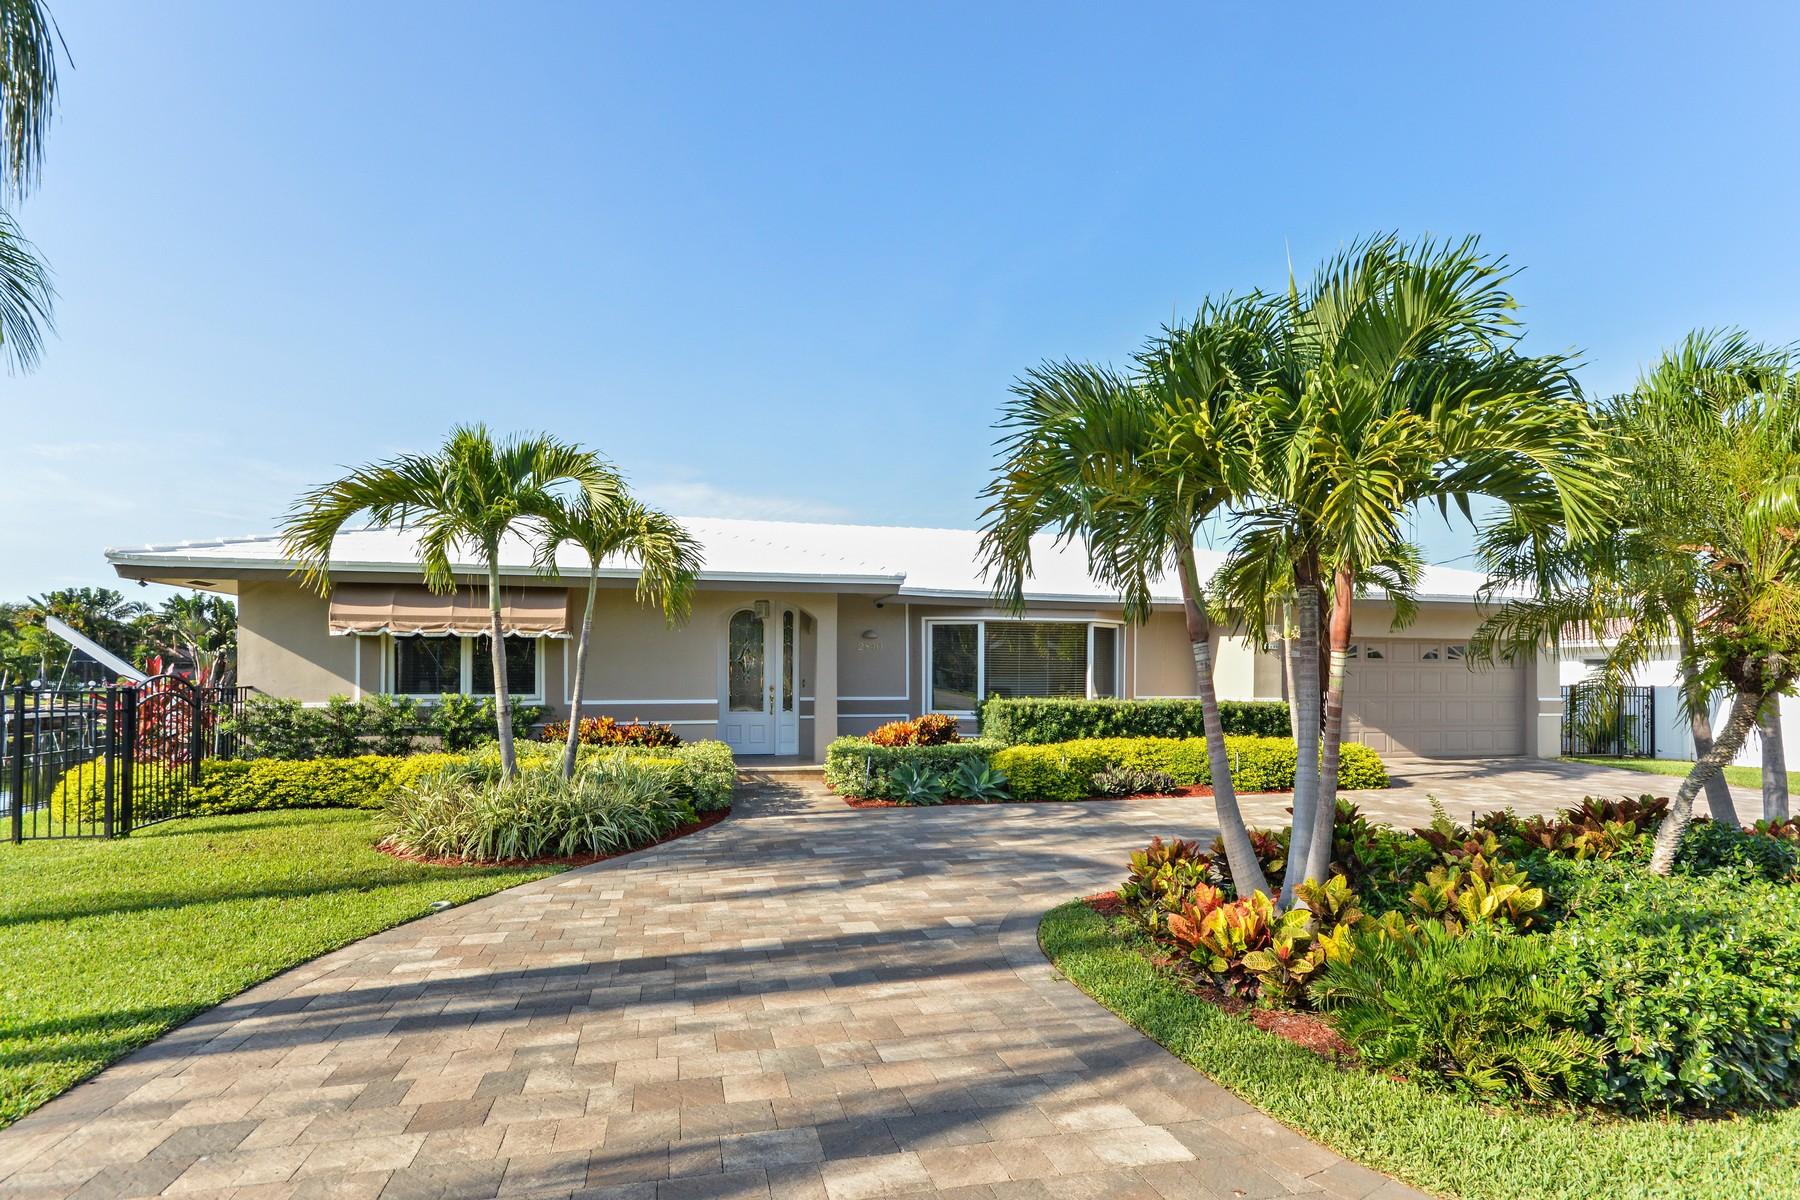 獨棟家庭住宅 為 出售 在 2840 NE 59th St. Fort Lauderdale, 佛羅里達州 33308 美國